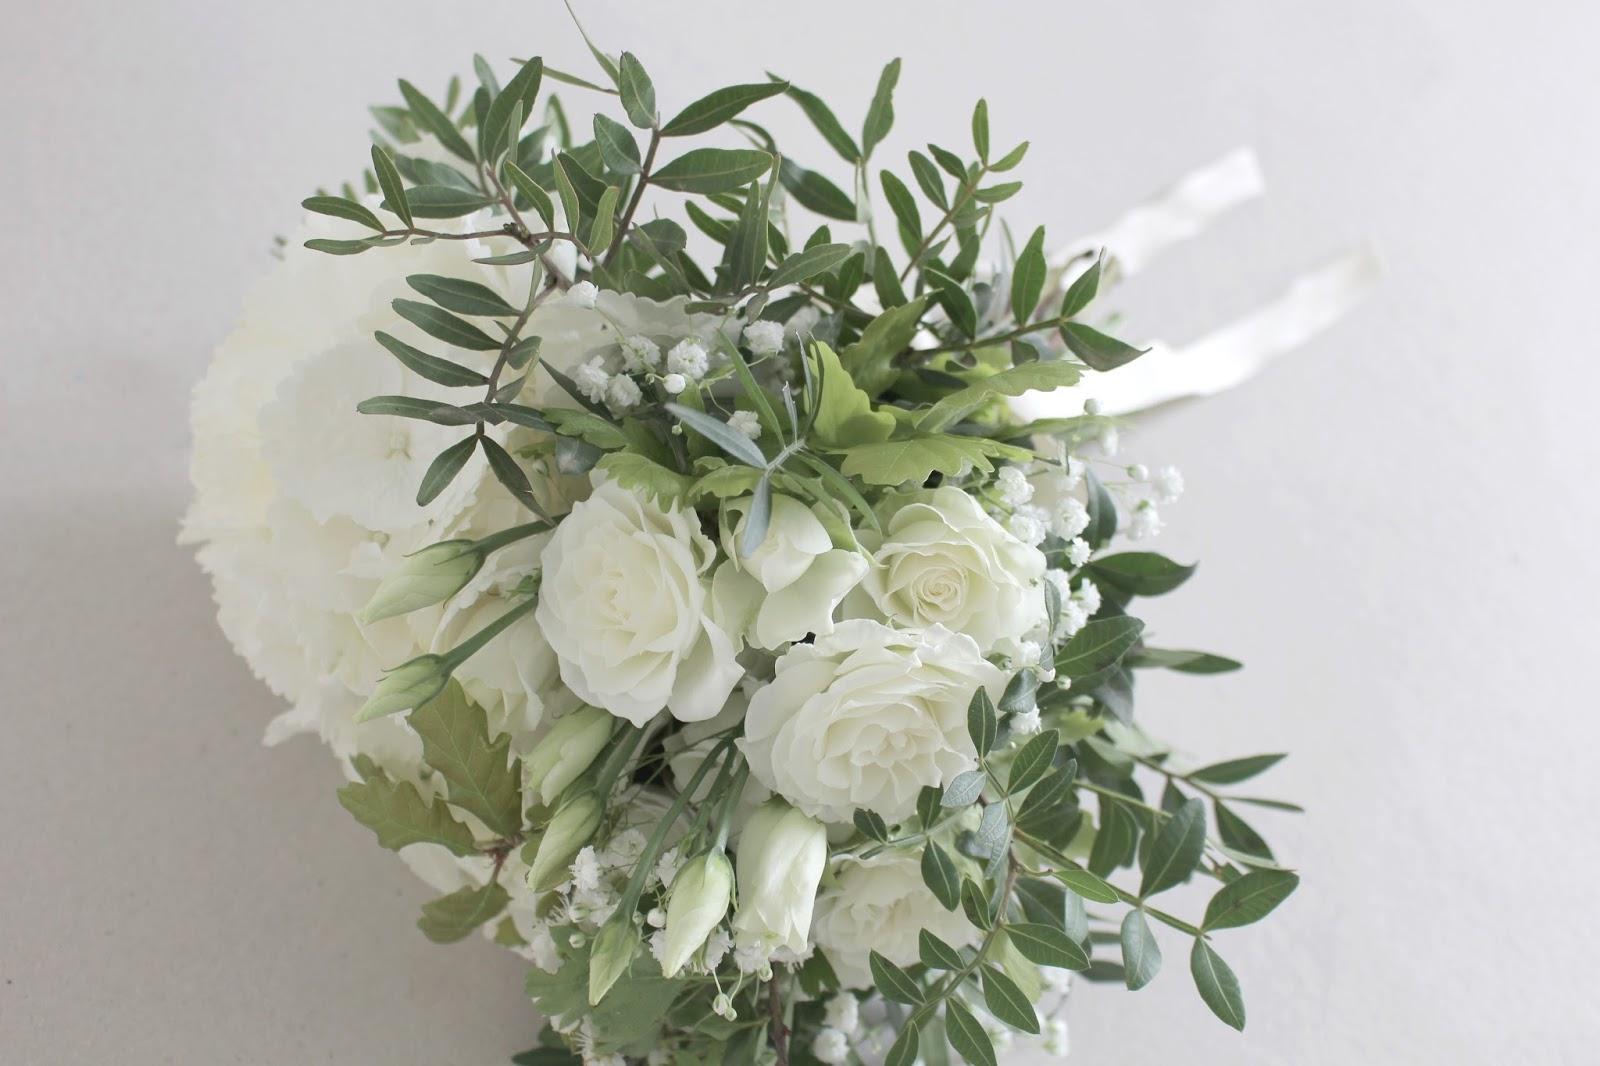 la petite boutique de fleurs fleuriste mariage lyon fleuriste mariage rh ne des fleurs. Black Bedroom Furniture Sets. Home Design Ideas